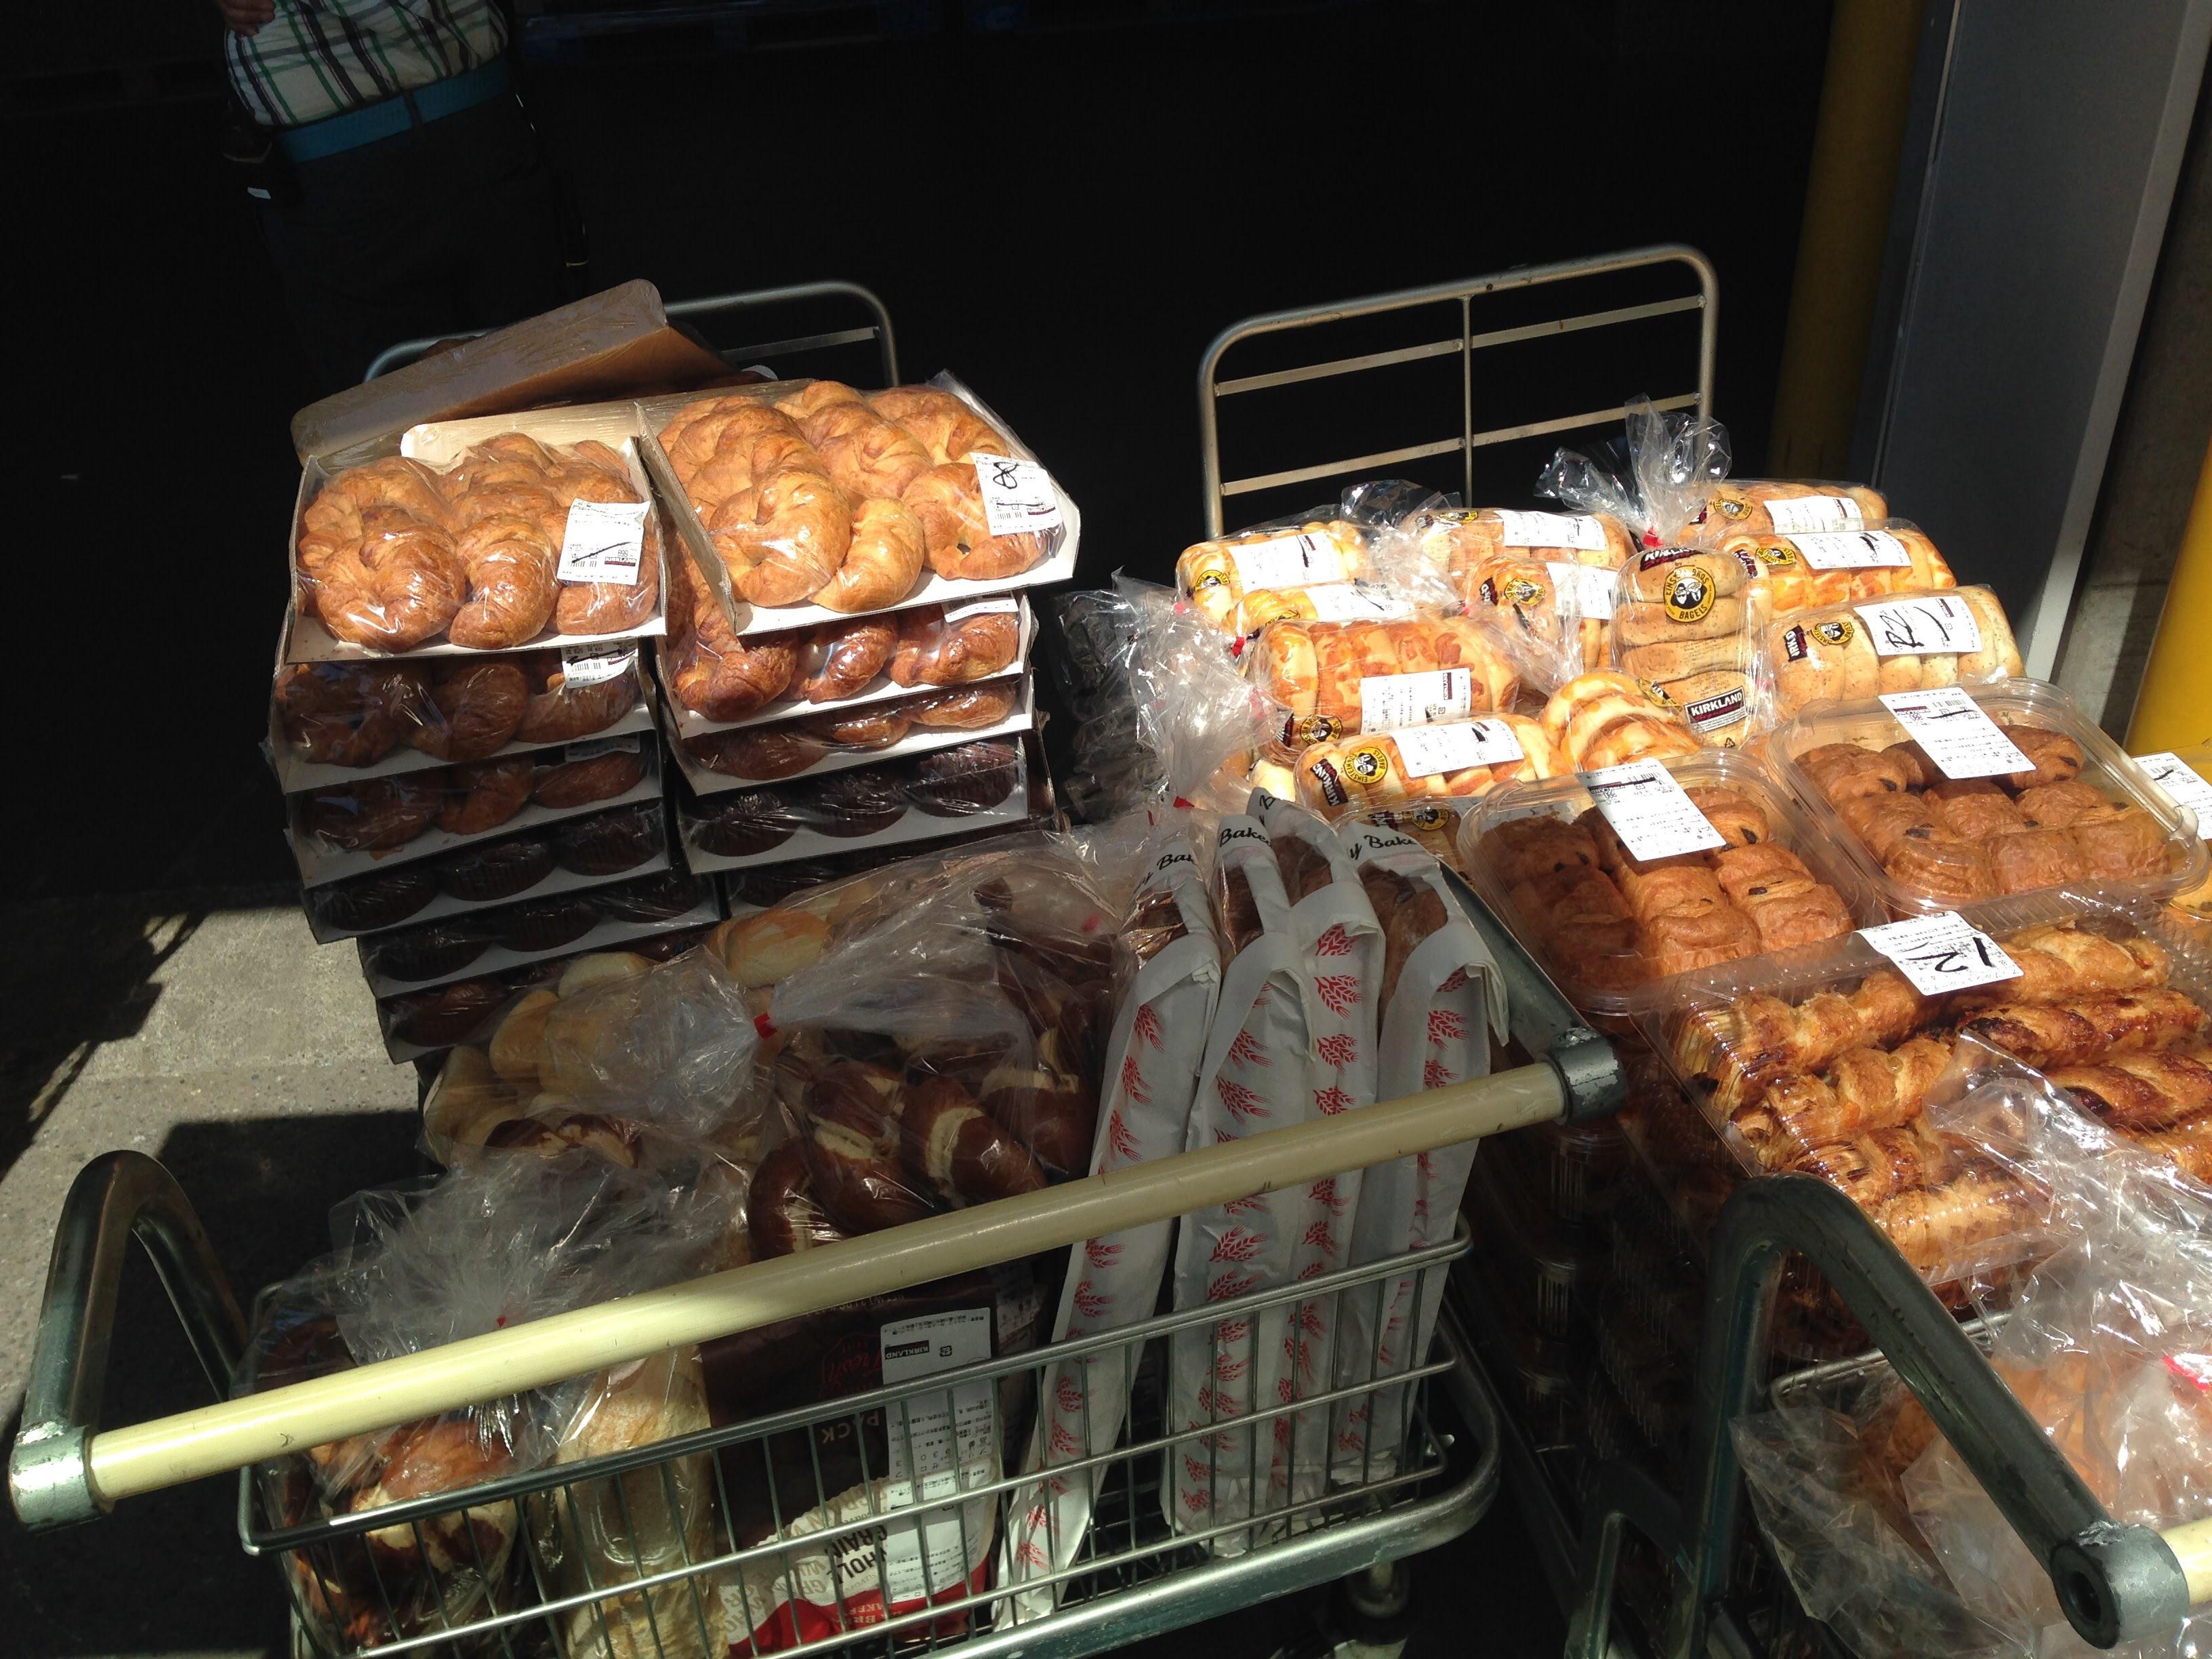 余っている食品を、必要な人へ。日本の話です。